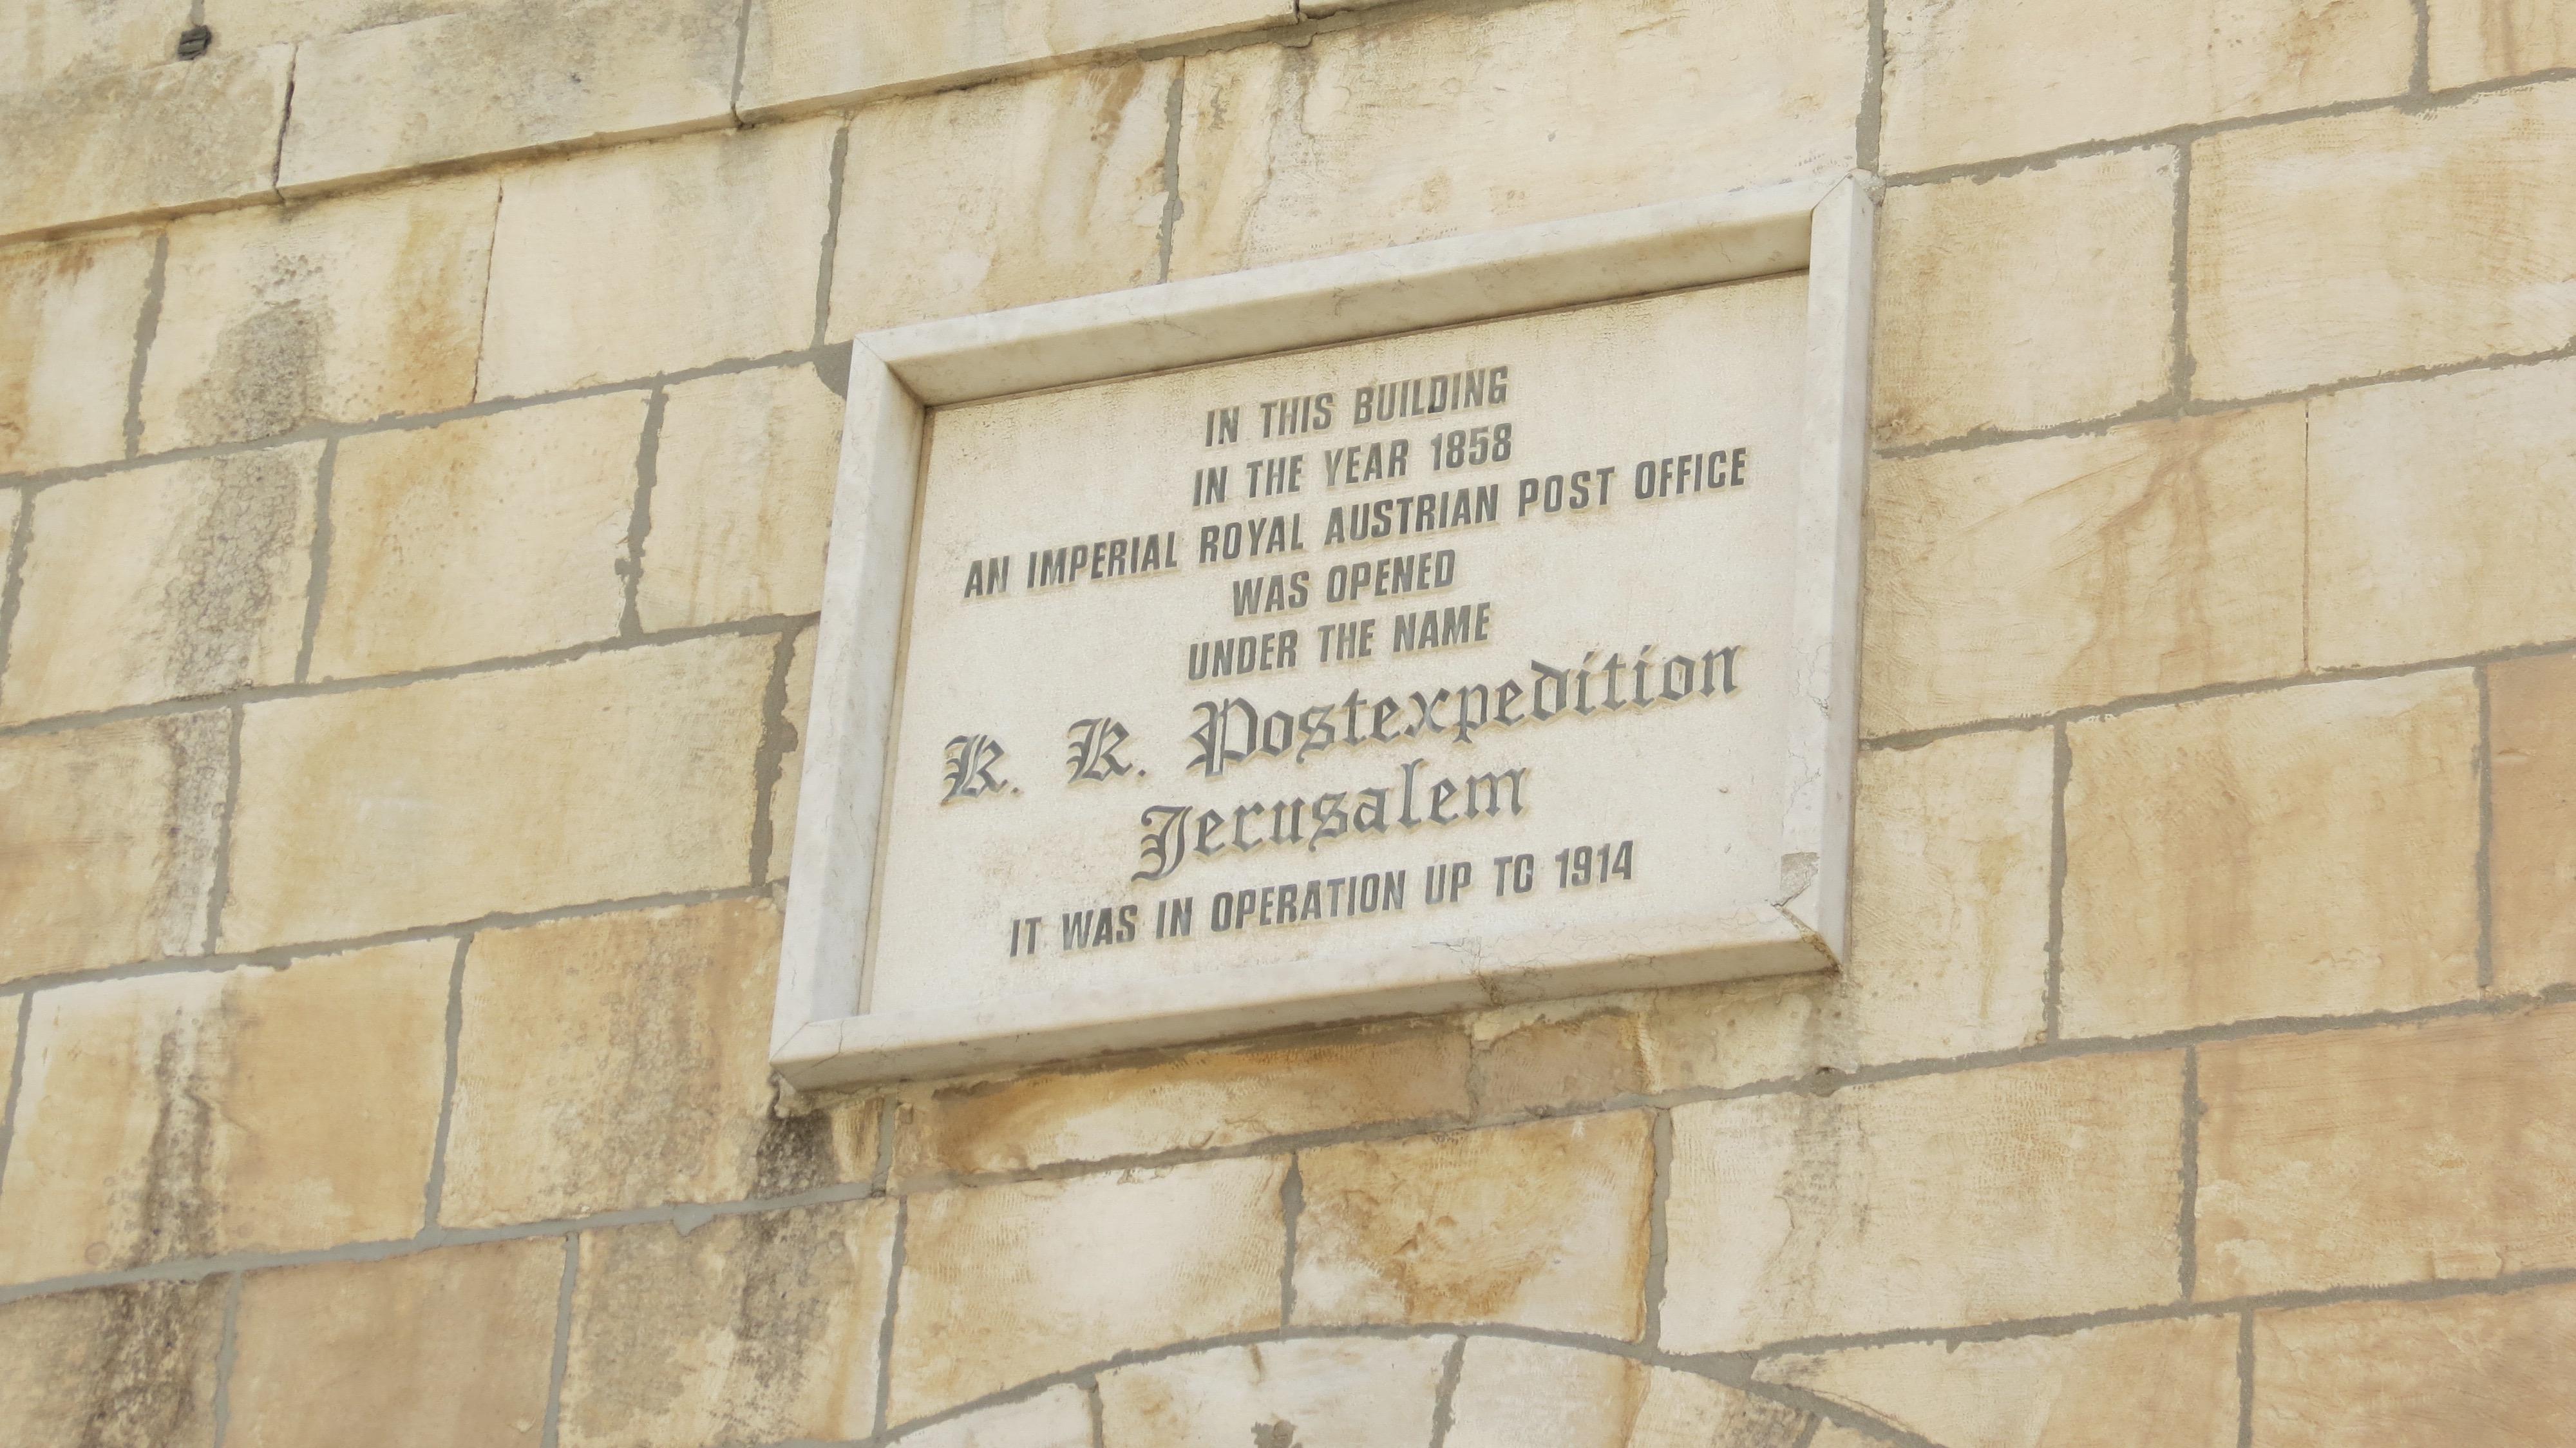 Austrian Post Office till 1914